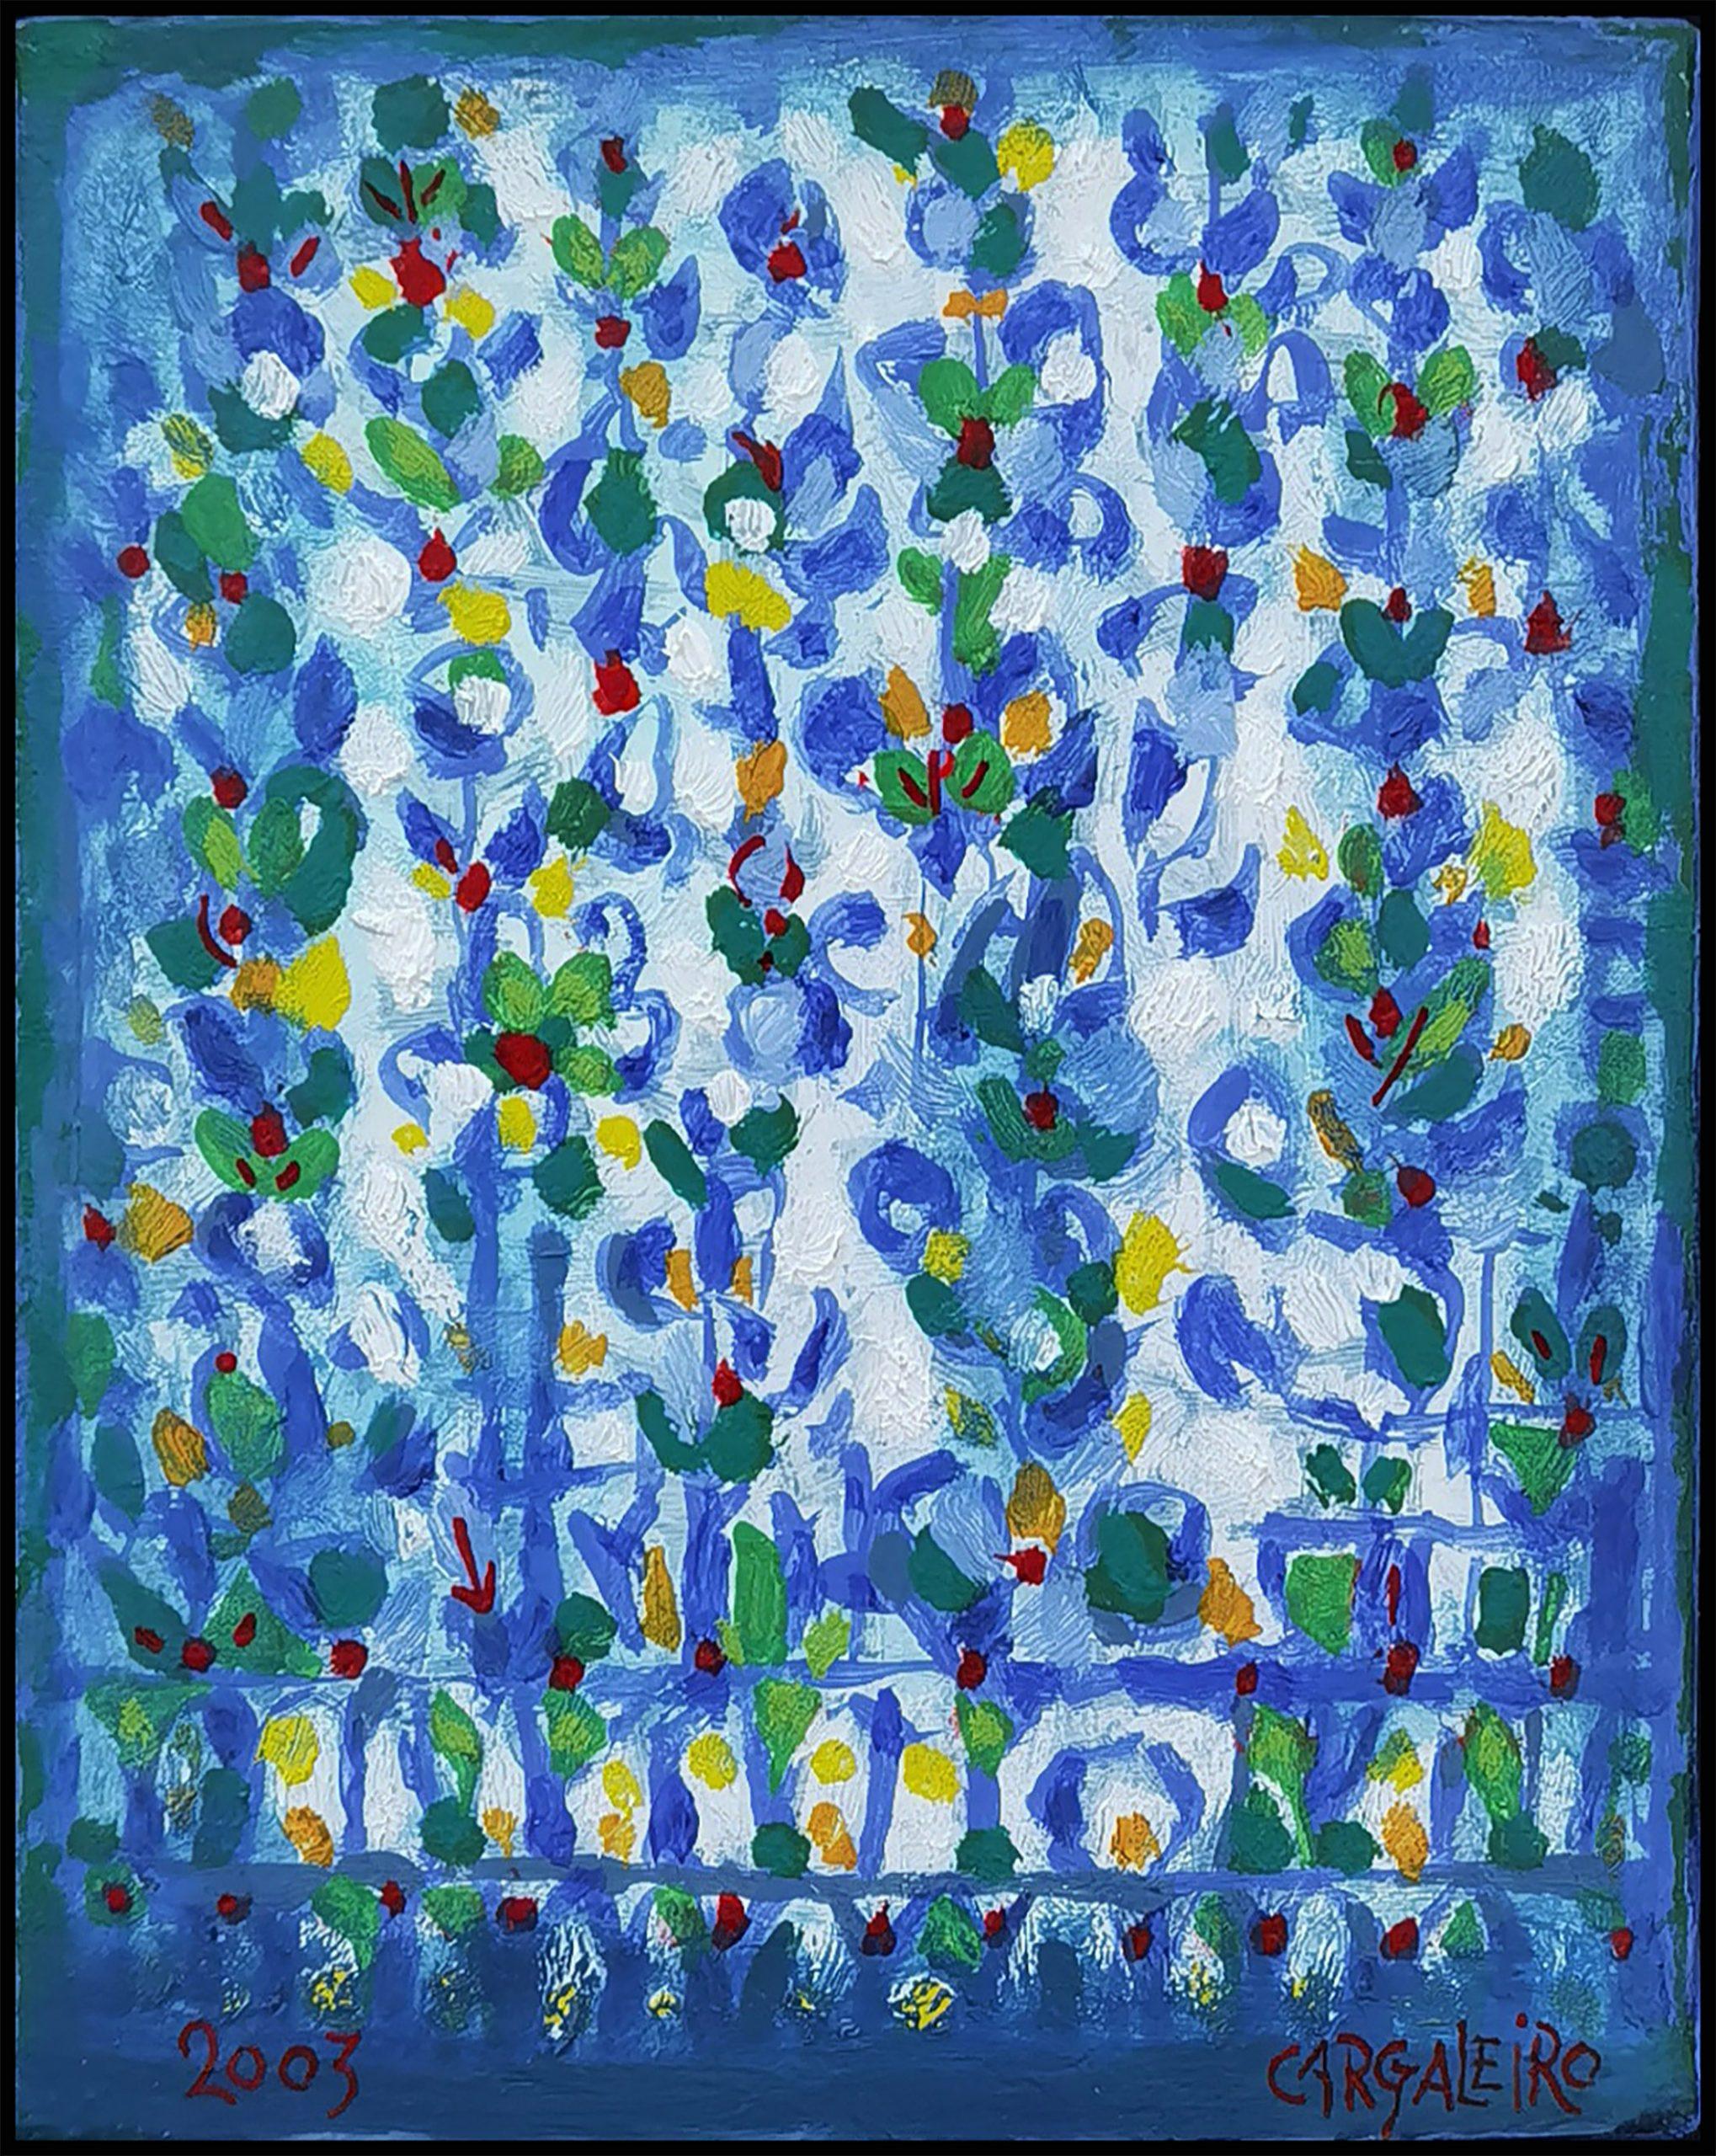 Les Fleurs des Grisons, óleo sobre tela, 24 x 19 cm, 2003